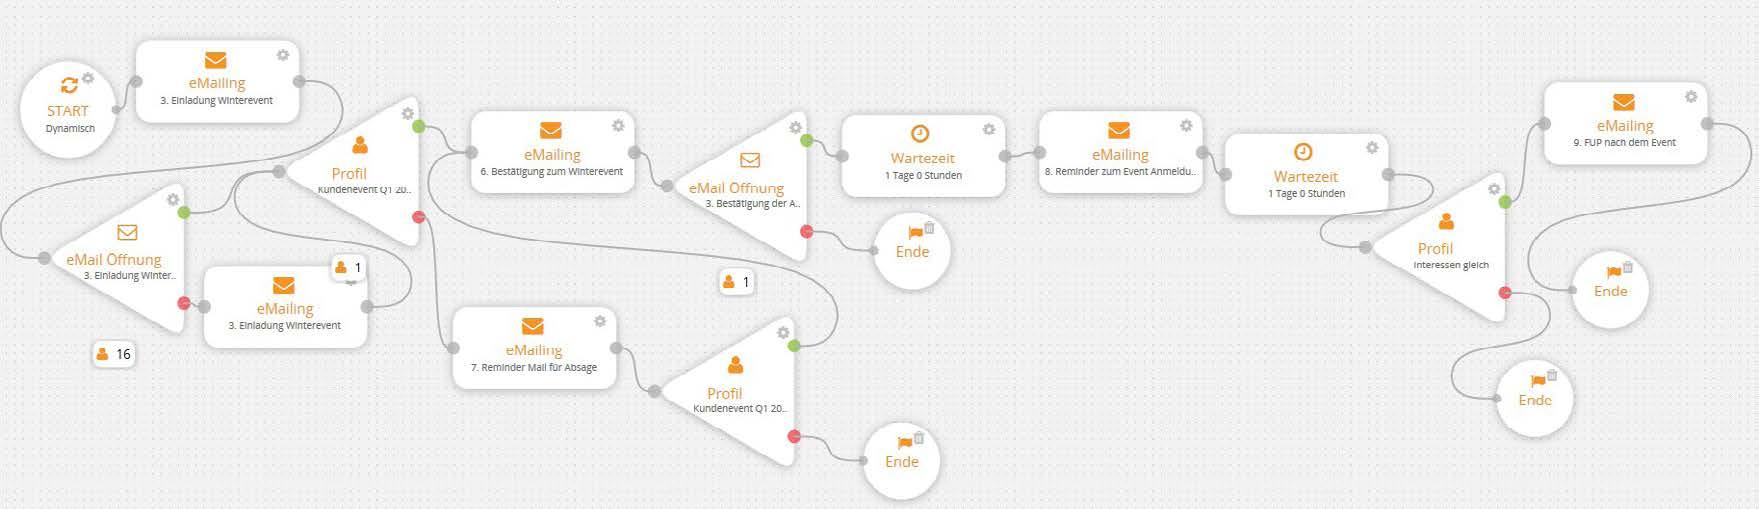 Für zielgruppenspezifische Nurture-Strecken werden die Content-Logiken kontinuierlich weiterentwickelt.